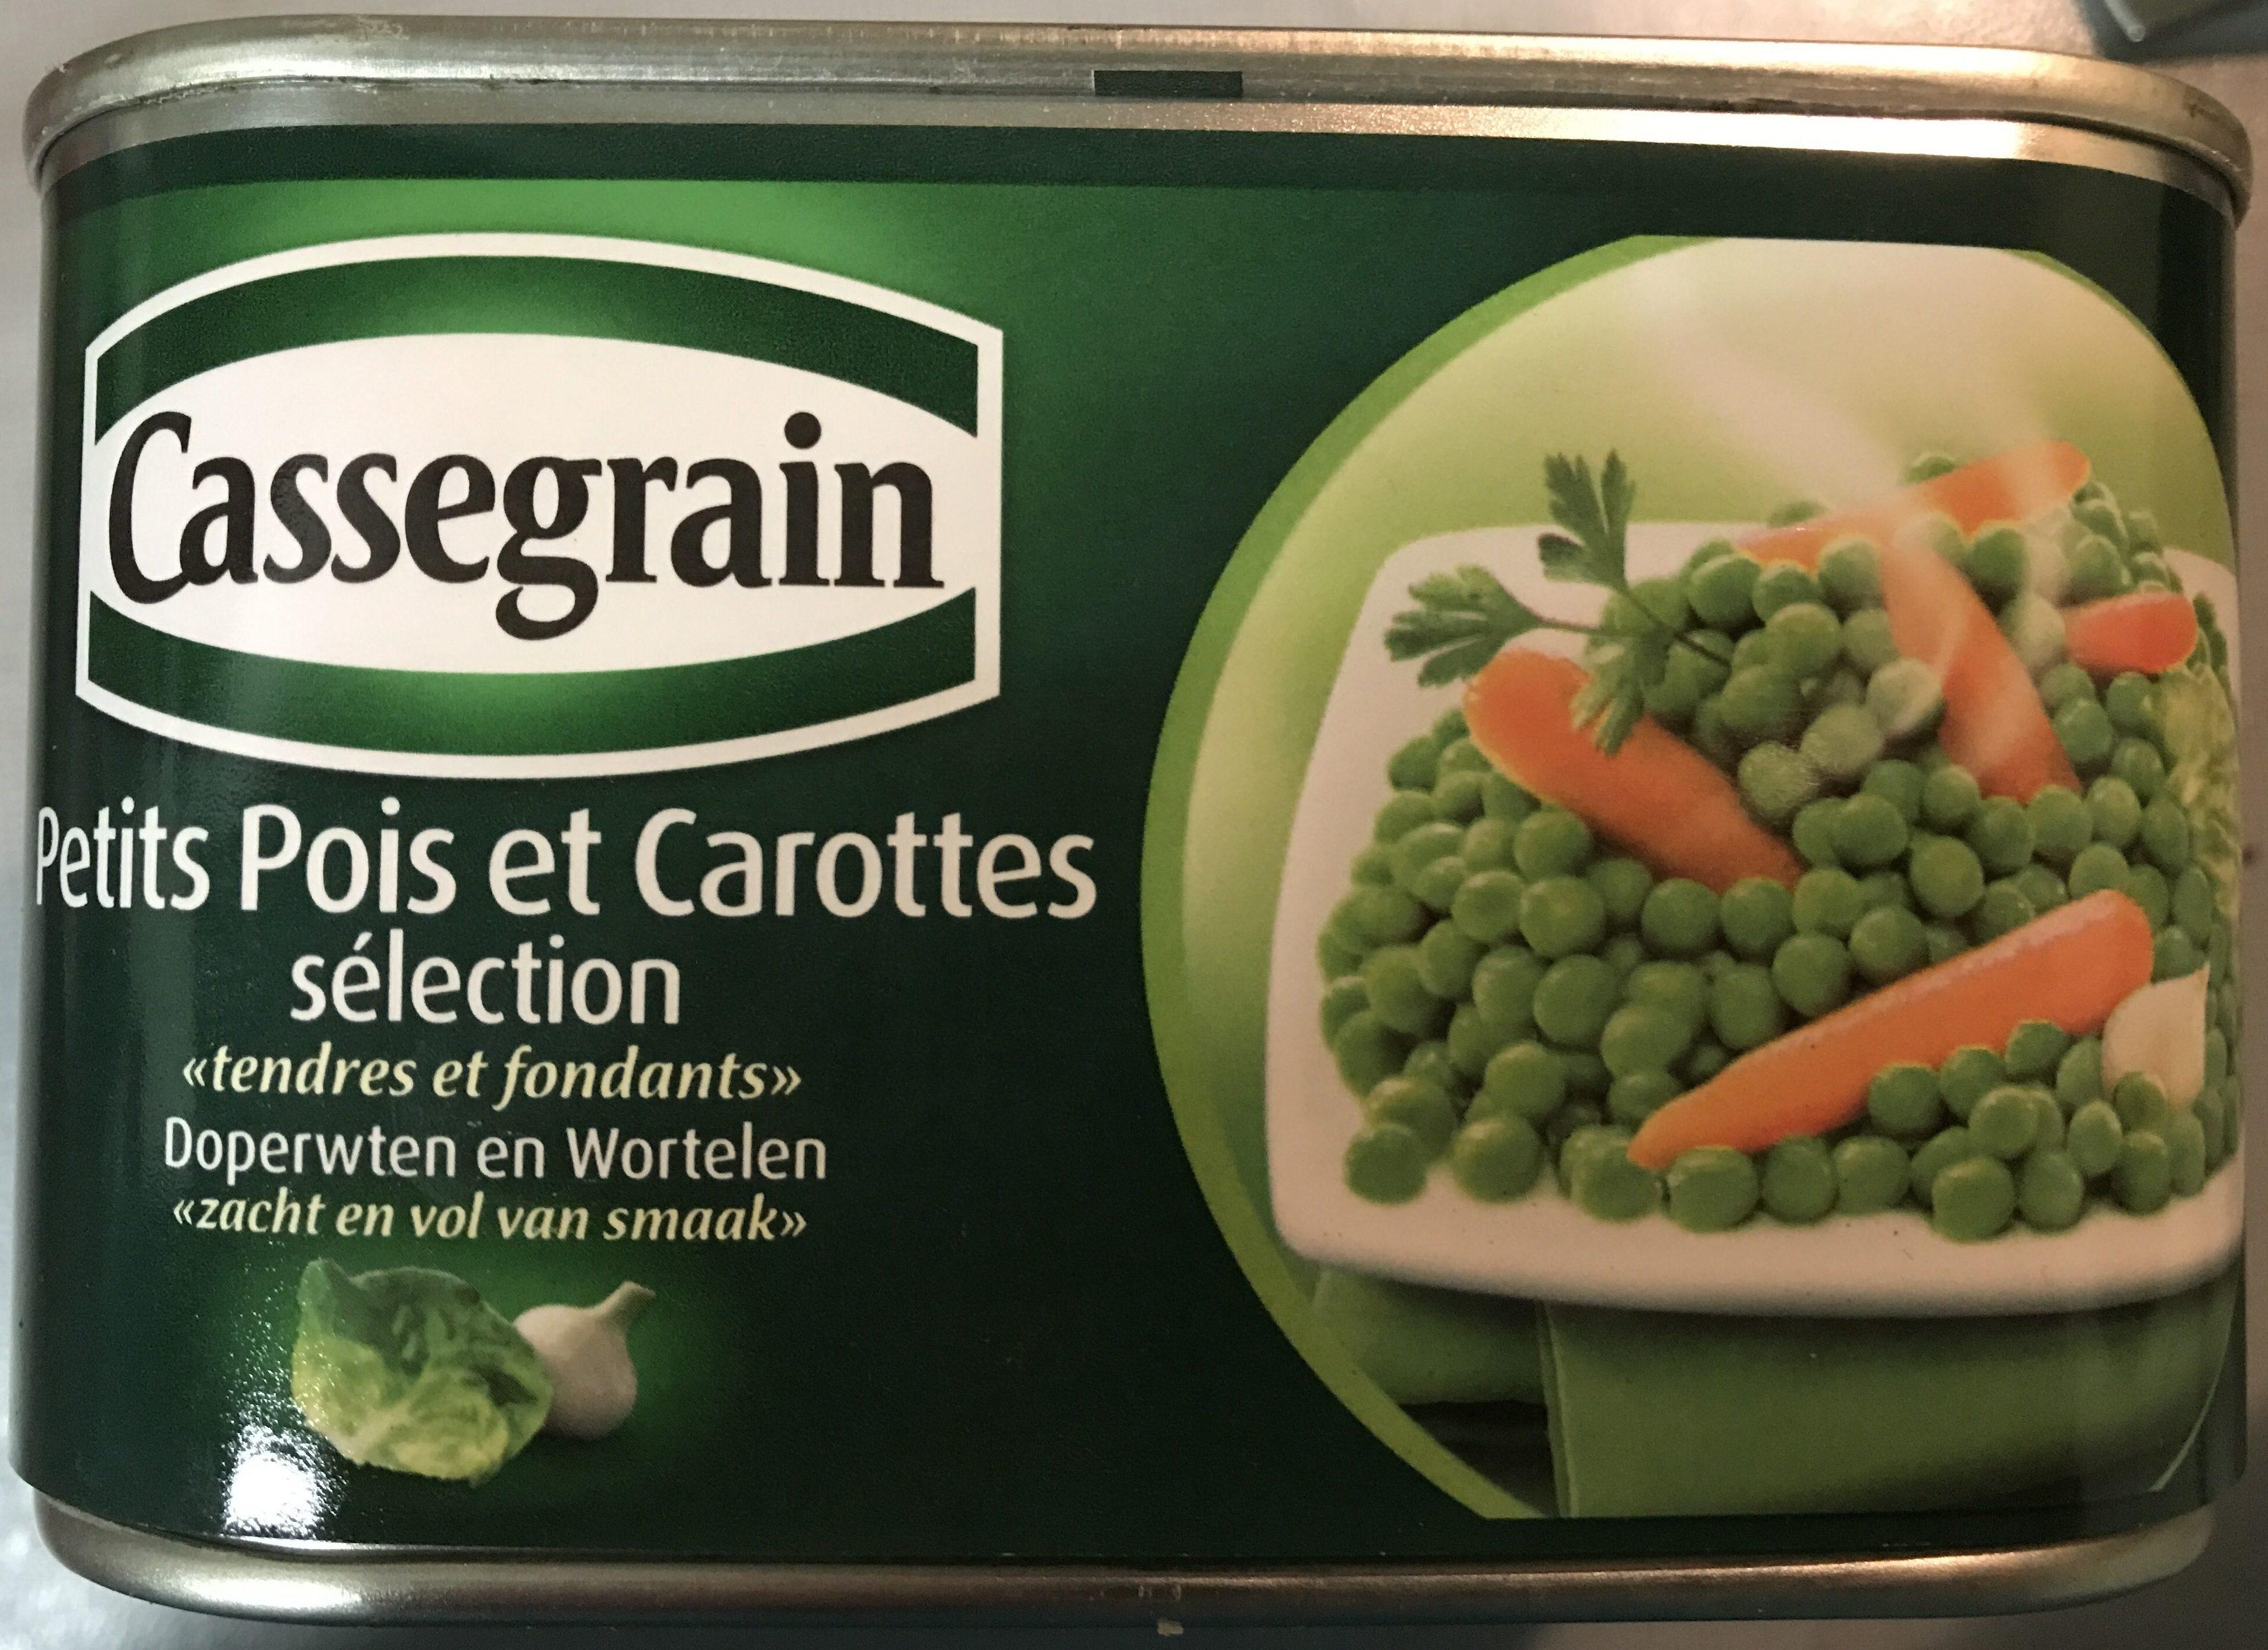 Petits pois et carottes - Product